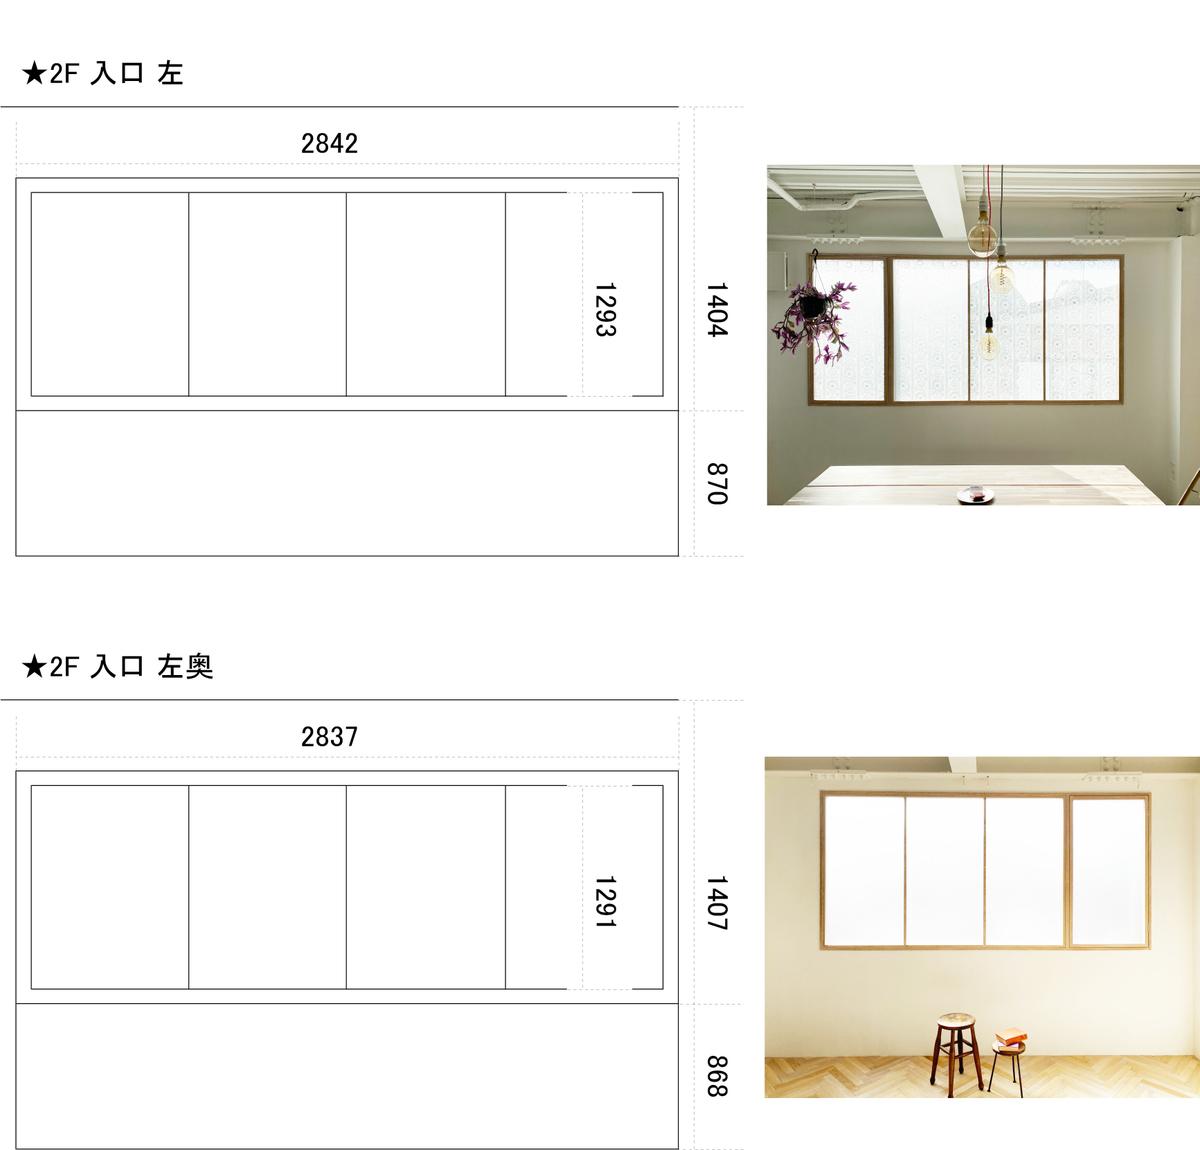 f:id:studiolimll:20200219174225j:plain